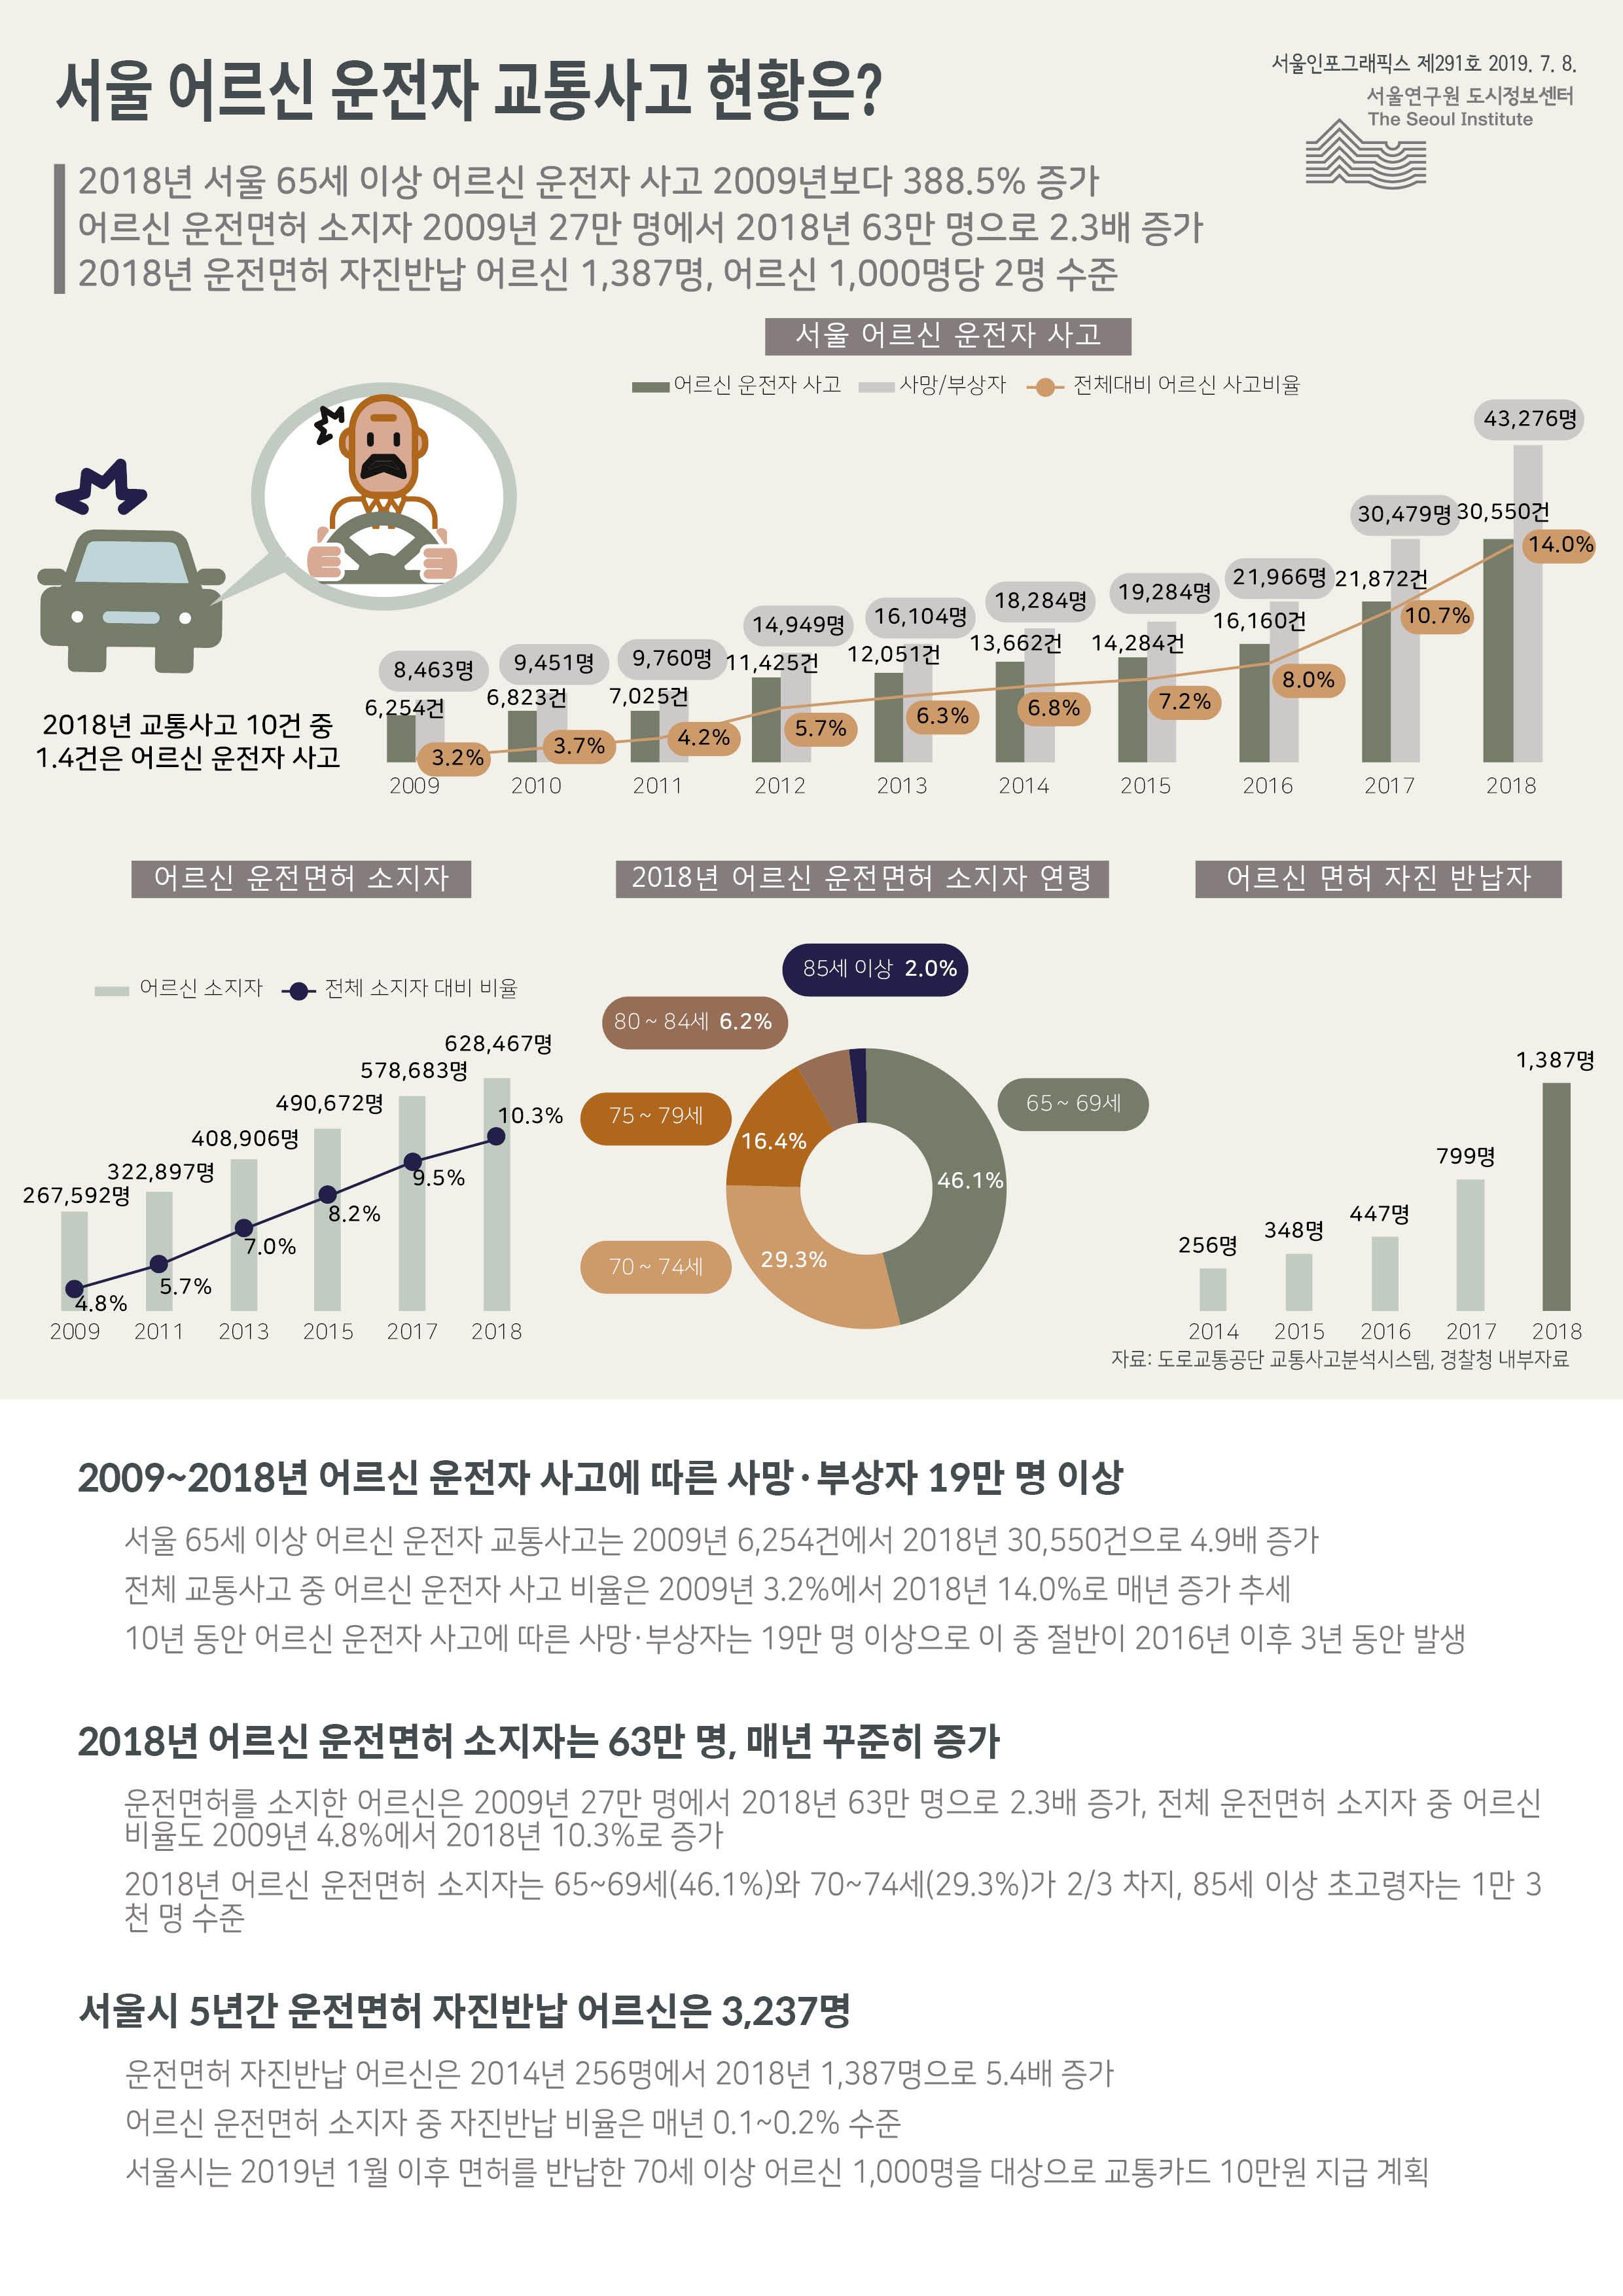 서울 어르신 운전자 교통사고 현황은? 서울인포그래픽스 제291호 2019년 7월 8일 2018 서울 65세 이상 어르신 운전자 사고는 2009년보다 388.5%증가. 2018년까지 어르신 운전자 사고에 따른 사망·부상자 19만 명 이상. 2018년 어르신 운전면허 소지자는 63만 명. 서울시 5년간 운전면허 자진반납 어르신은 3,237명으로 정리 될 수 있습니다. 인포그래픽으로 제공되는 그래픽은 하단에 표로 자세히 제공됩니다.